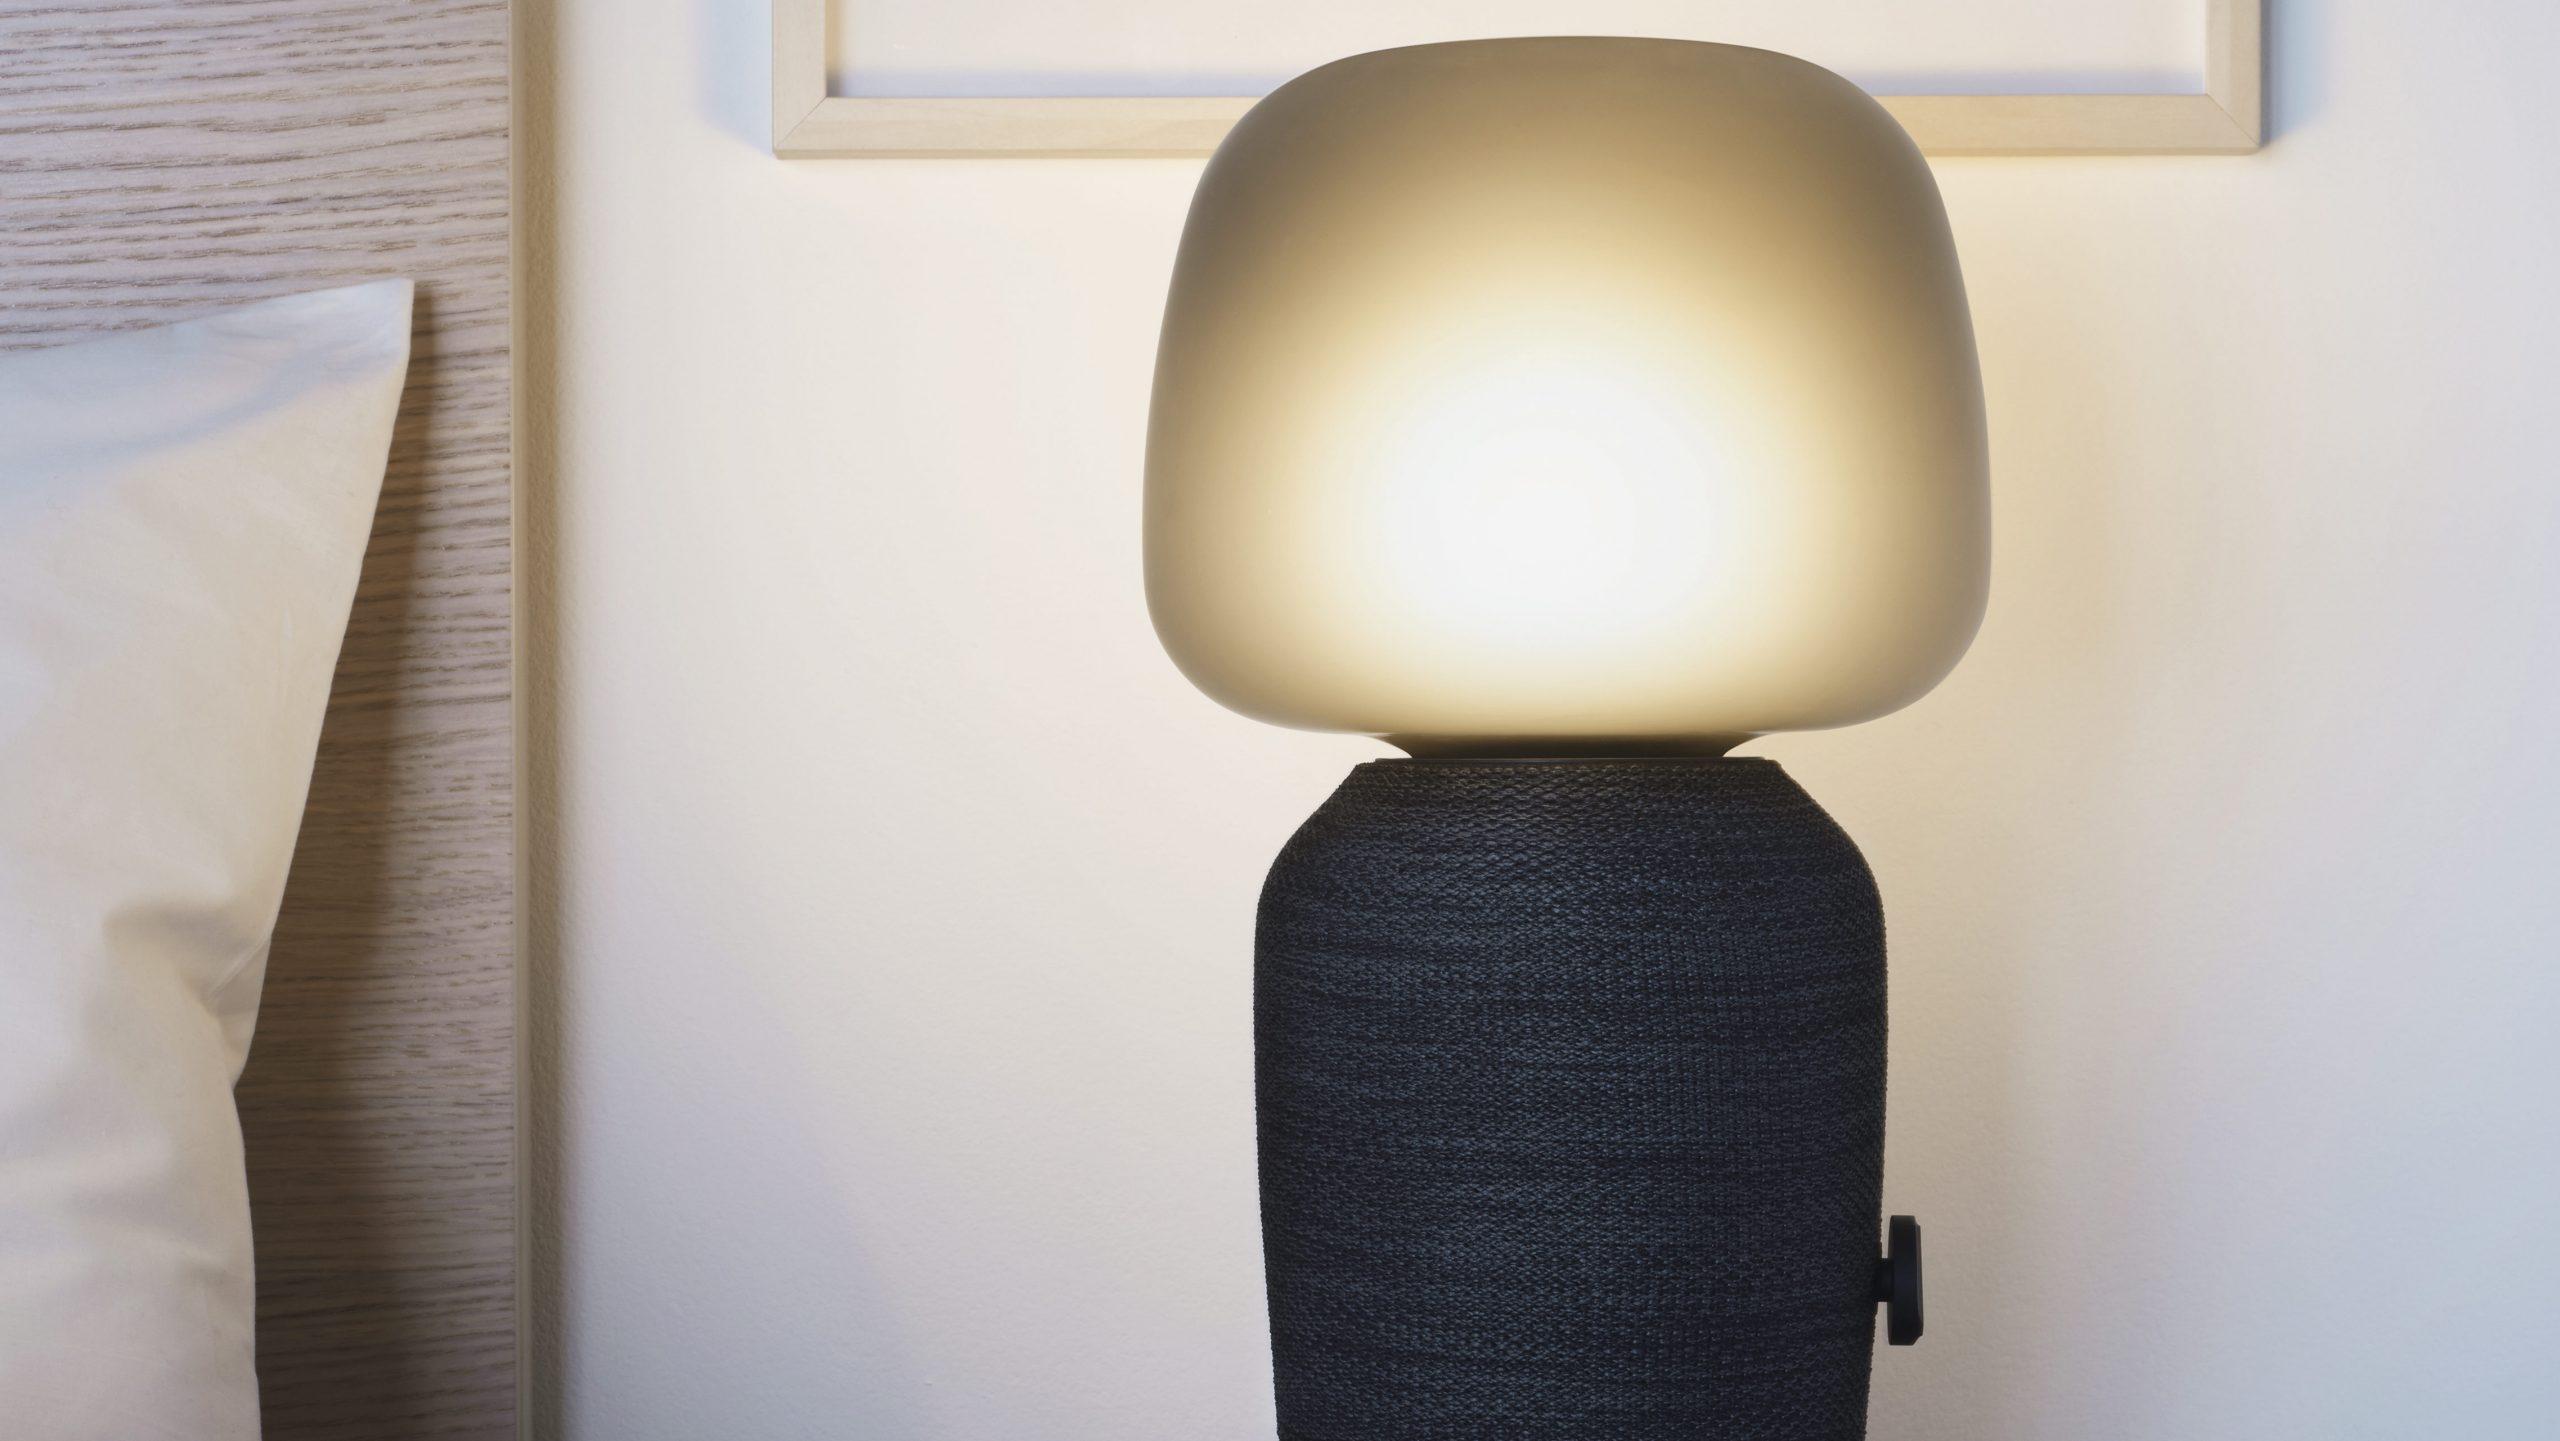 Full Size of Dette Er Ikke Bare En Lampe Led Lampen Wohnzimmer Modulküche Ikea Betten Bei Bad Küche Sofa Mit Schlaffunktion Esstisch 160x200 Stehlampen Deckenlampen Wohnzimmer Ikea Lampen